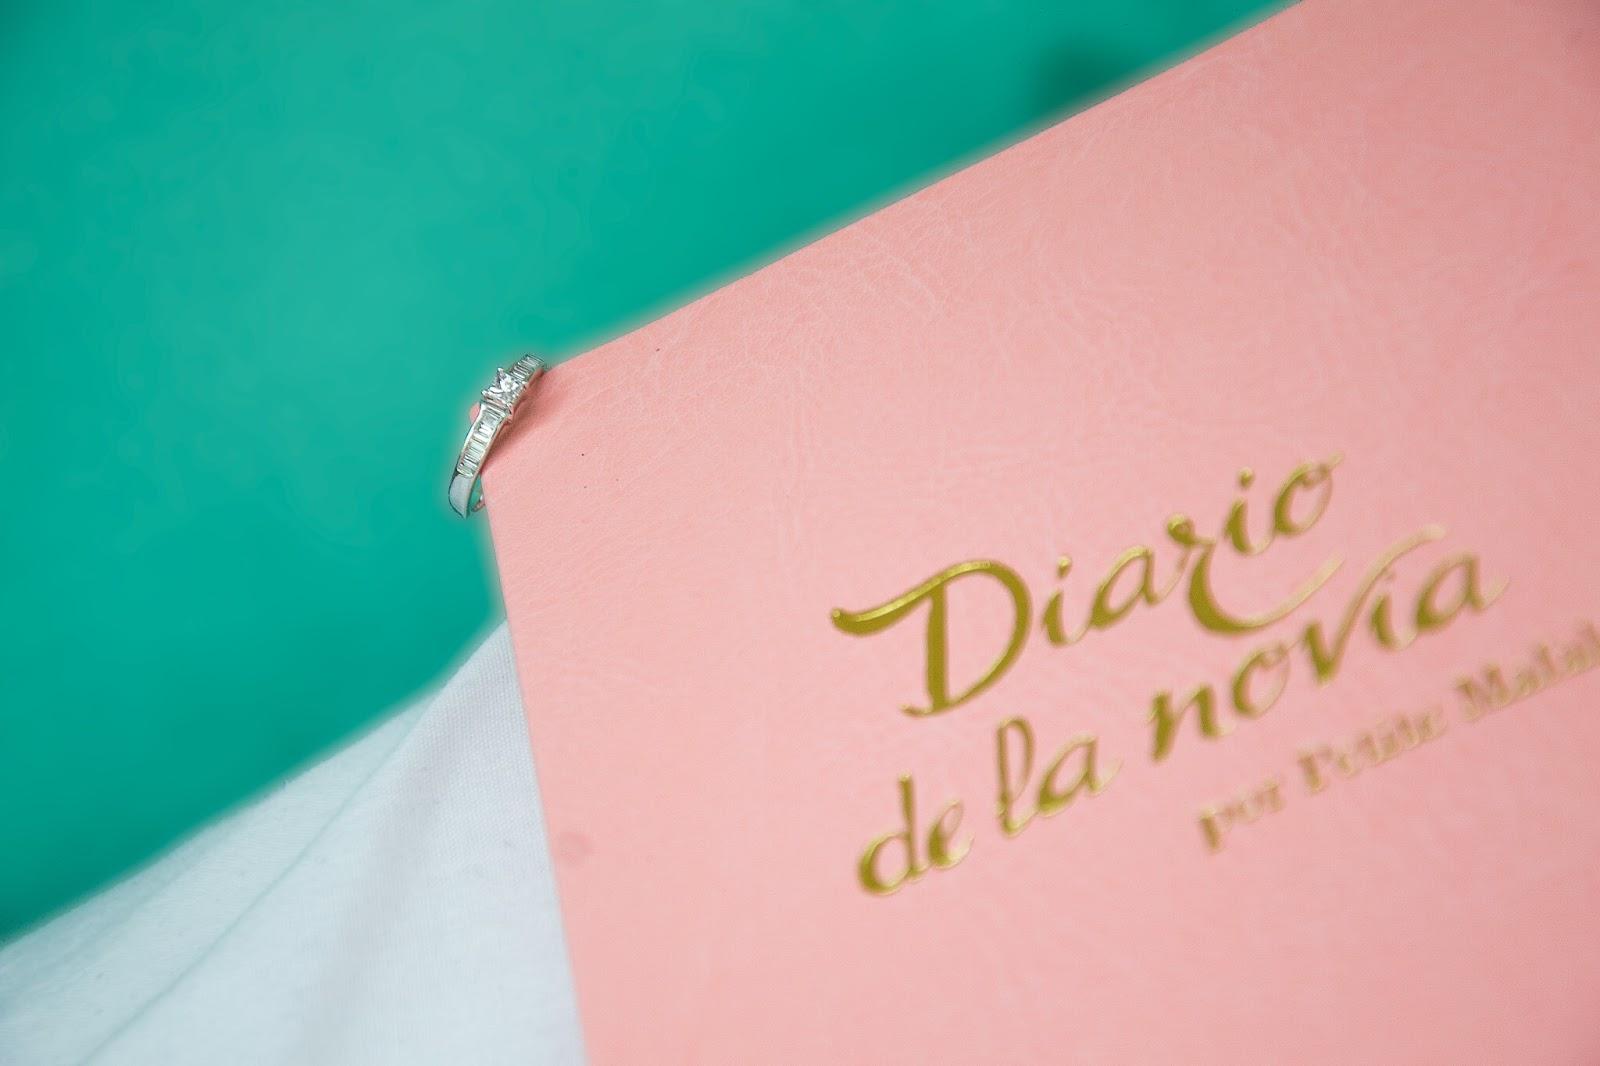 Preboda||Making Of, Mi Diario de novia ||Etapa Prometida||